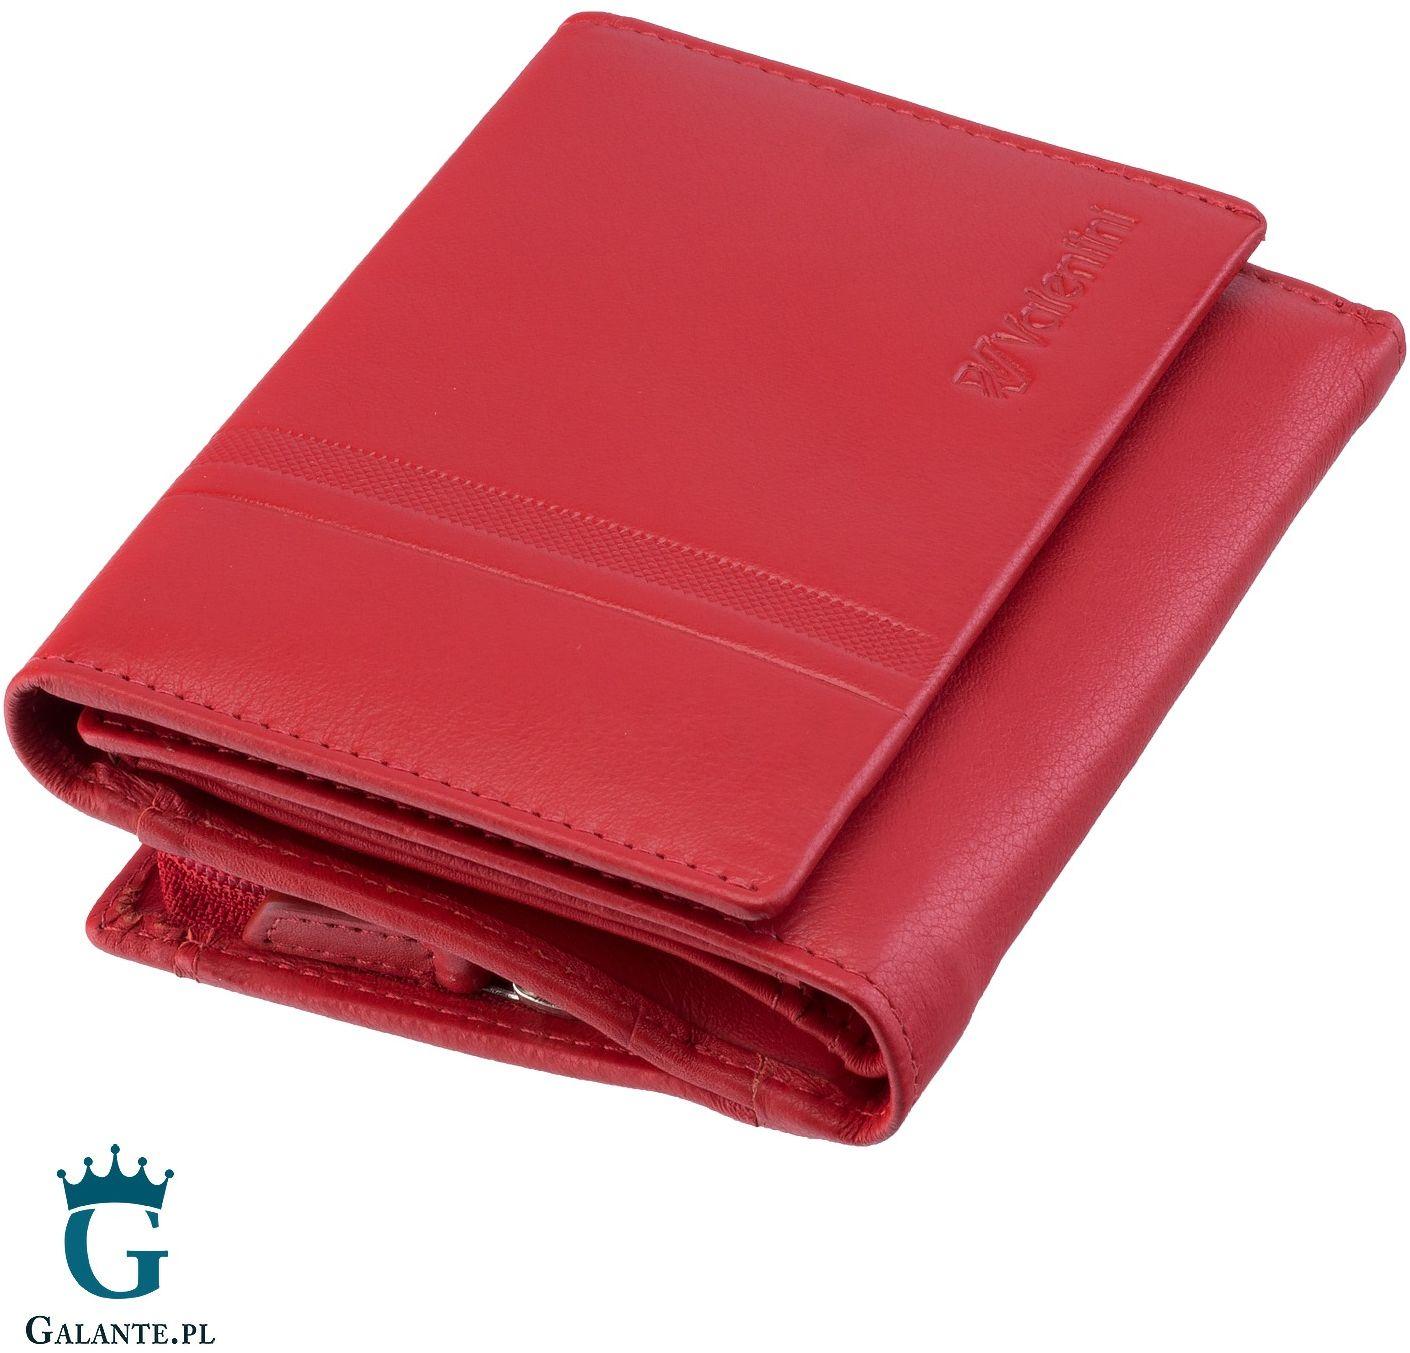 Mały portfel damski valentini 15v-263 rfid